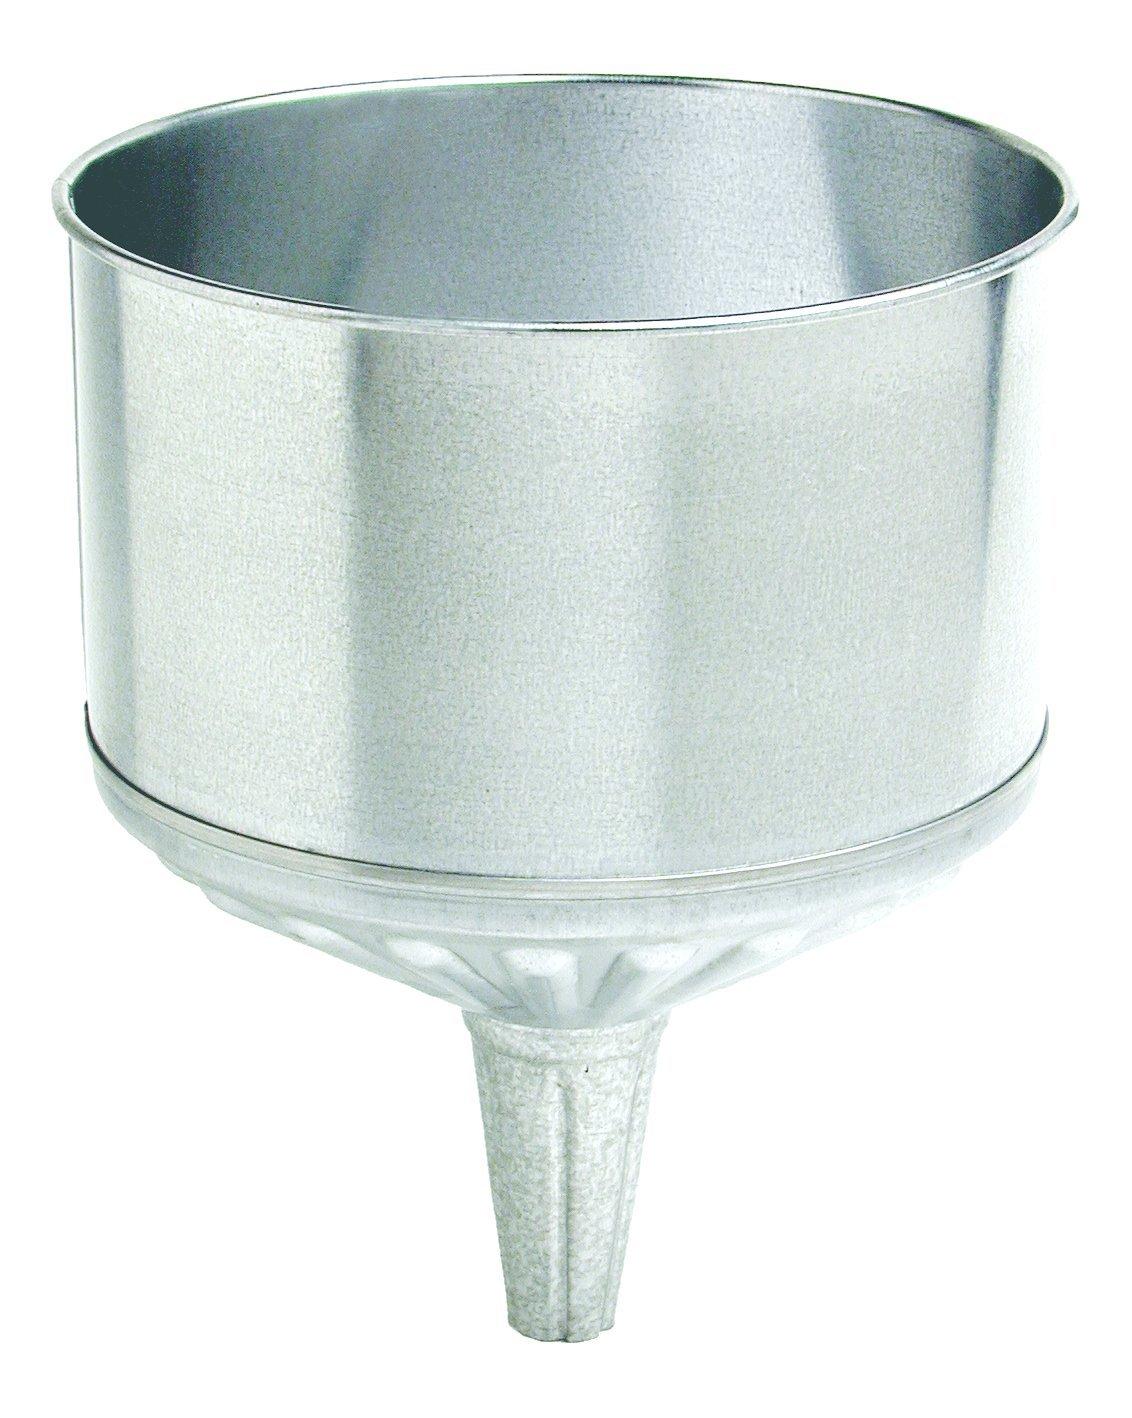 Plews 75-004 Steel Galvanized Funnel - 8 Quart Capacity